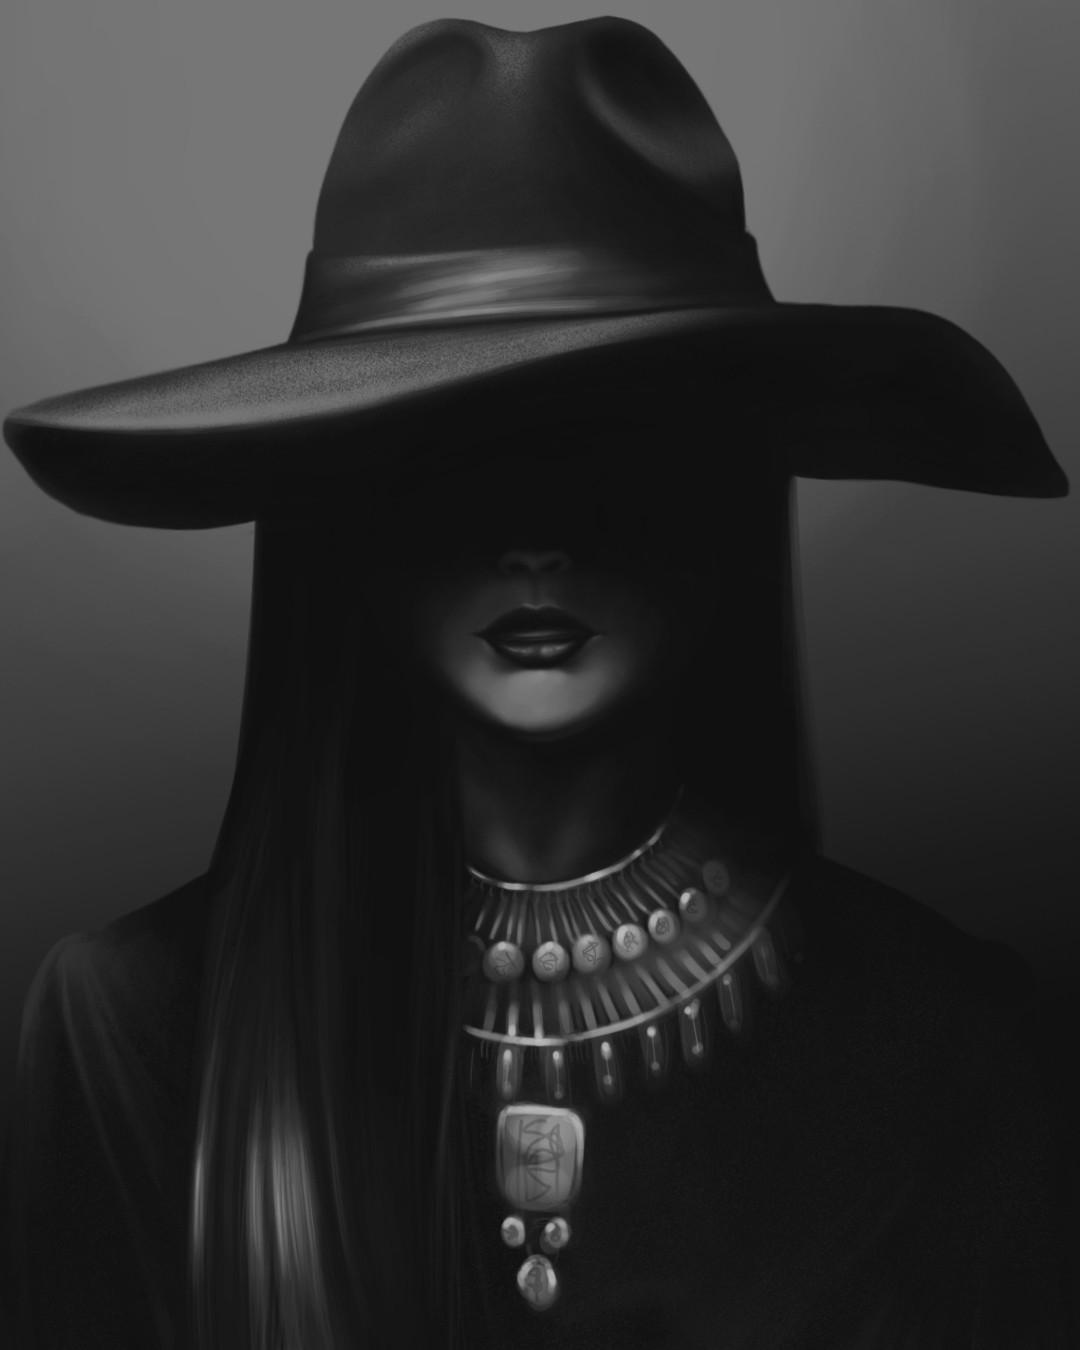 картинки с ведьмами на аву образ широко распространен